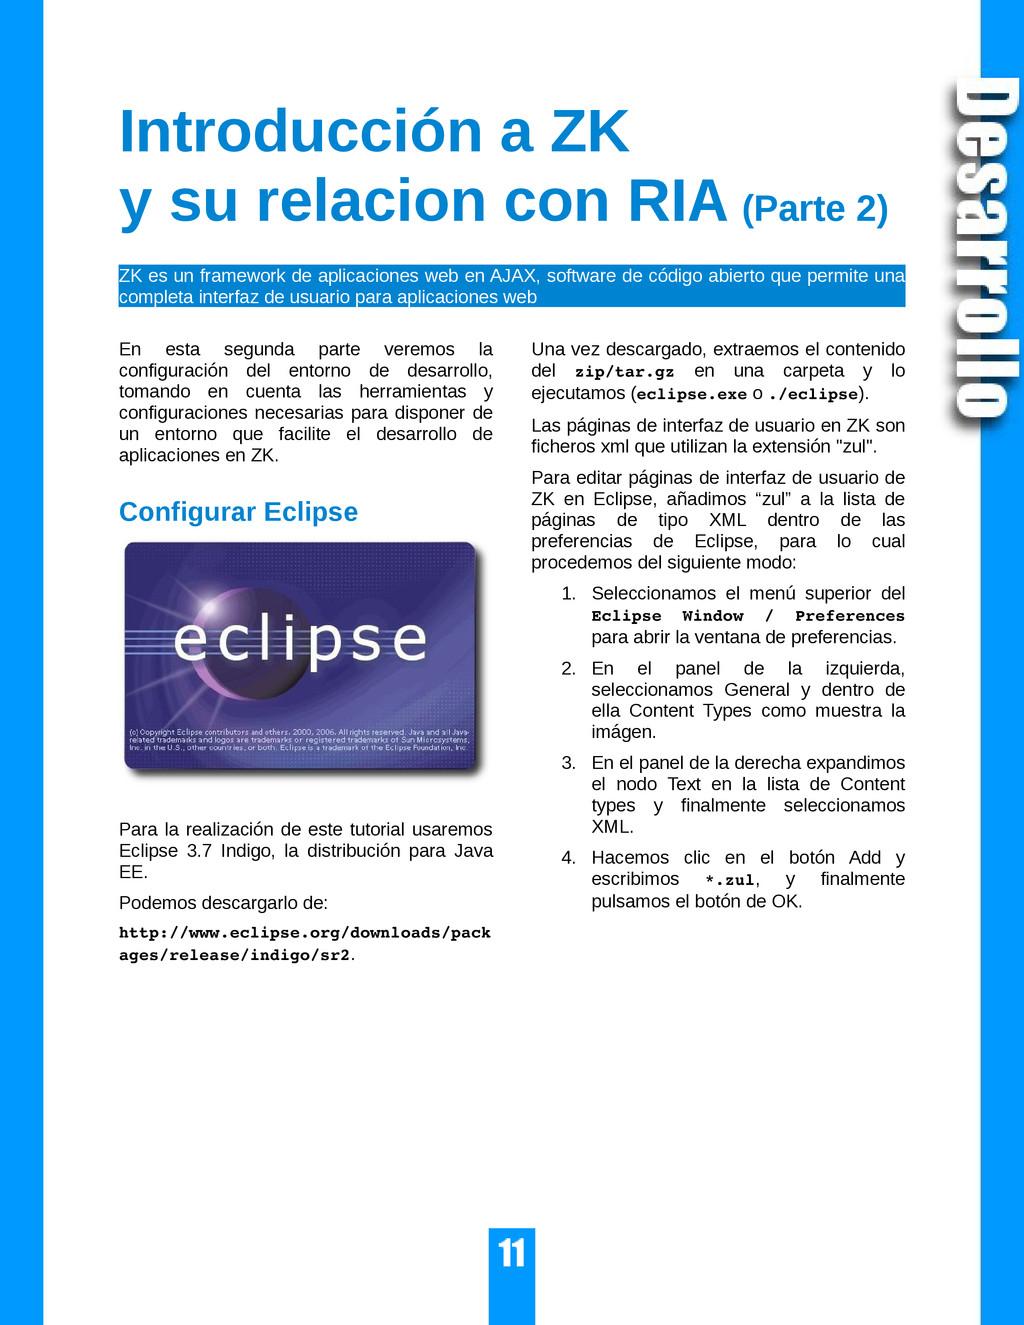 Introducción a ZK y su relacion con RIA (Parte ...